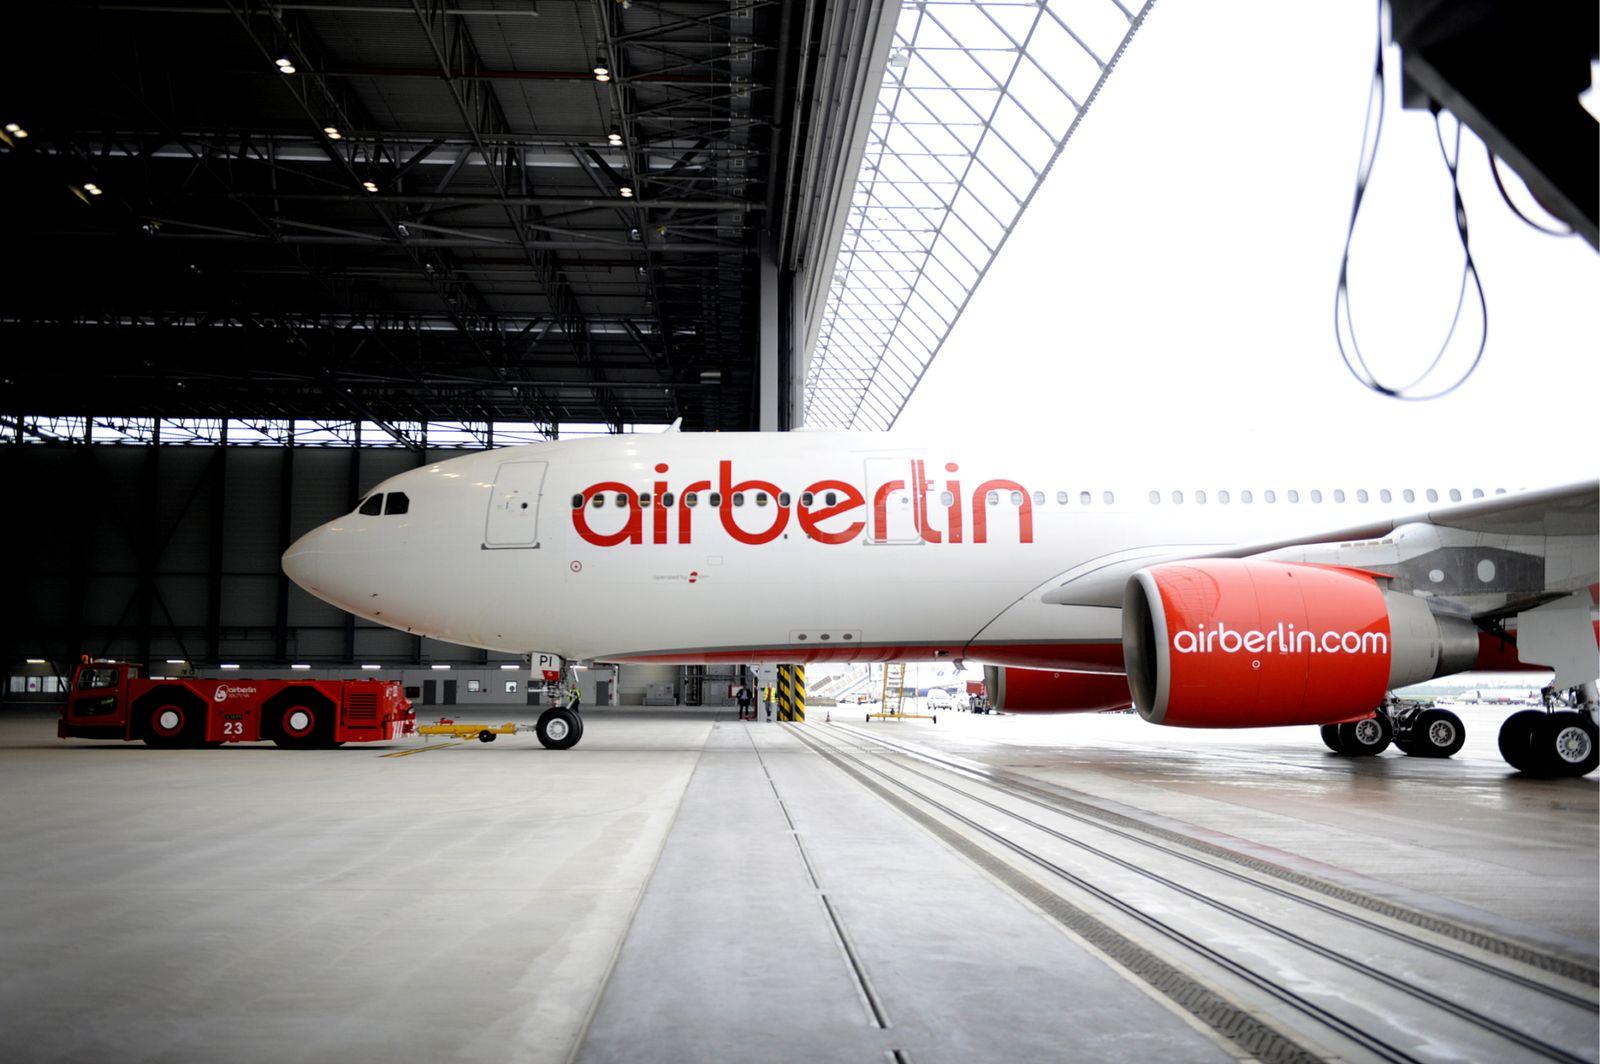 NICHT VERWENDEN Luftfahrt / Unternehmen / Flugzeug / Air Berlin